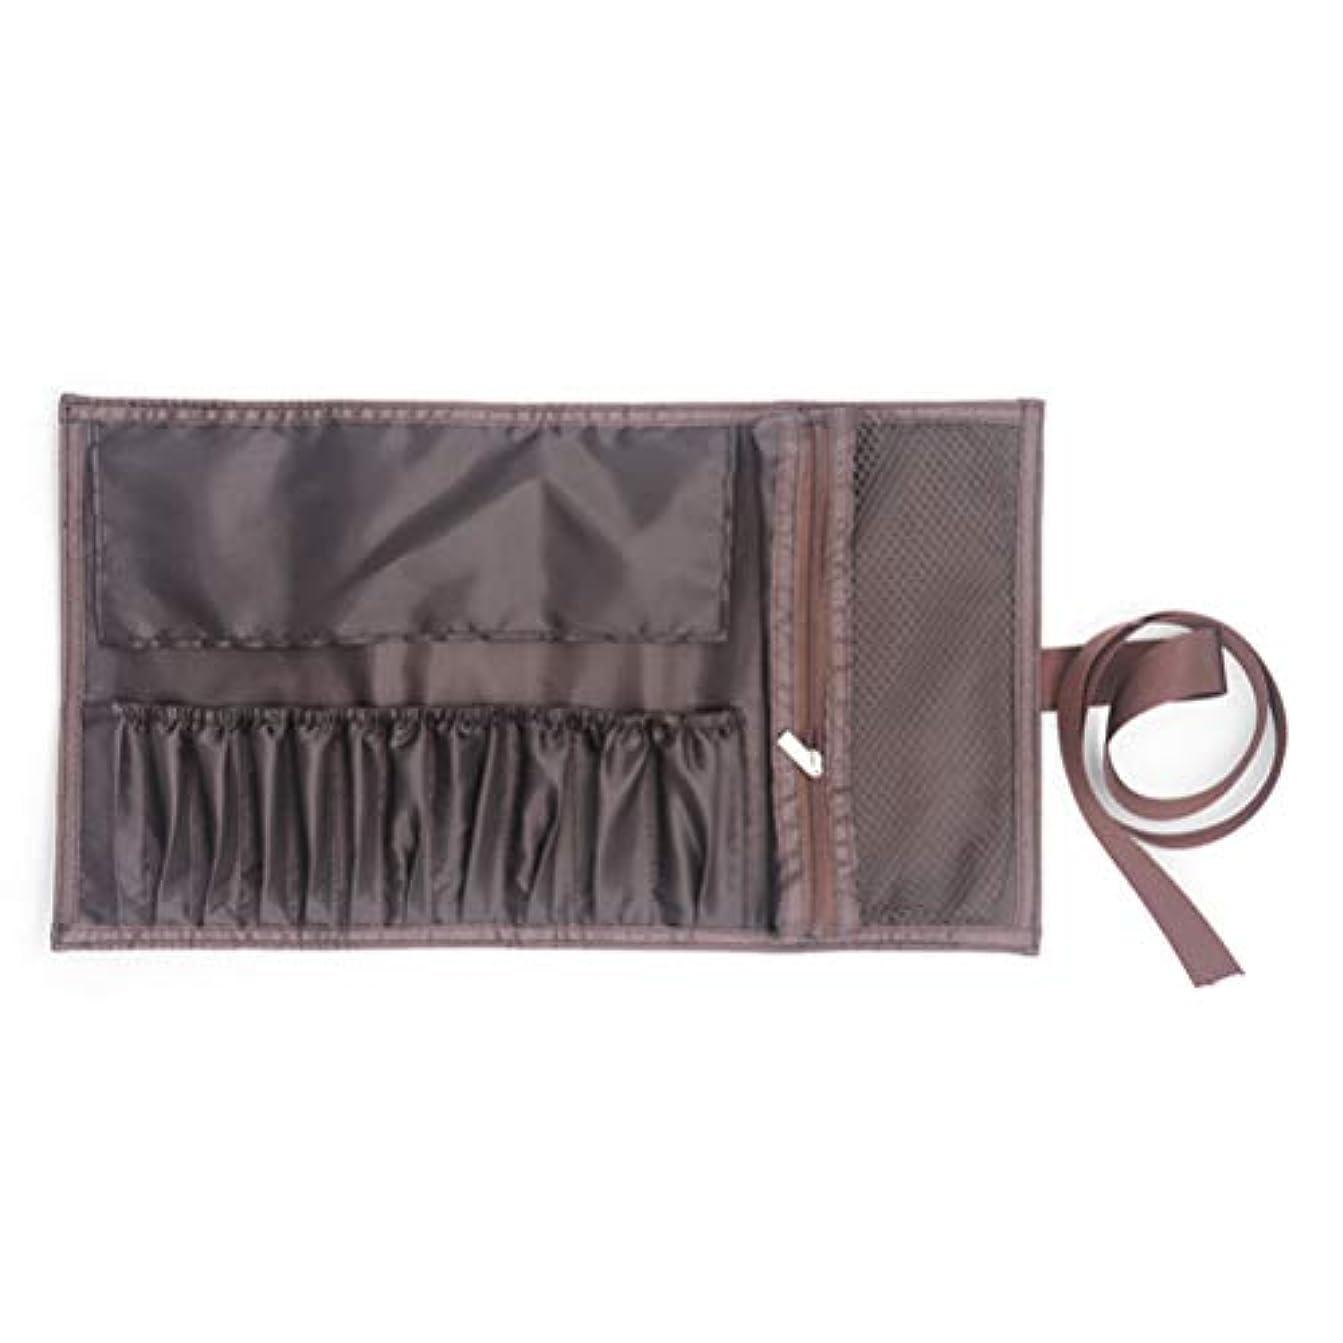 安全考えたタイトFrcolor メイクブラシポーチ 化粧筆ケース 化粧ポーチ 巻き型 PU 大容量 ペンケース コスメポーチ 化粧ブラシポーチ 11本収納 ブラウン